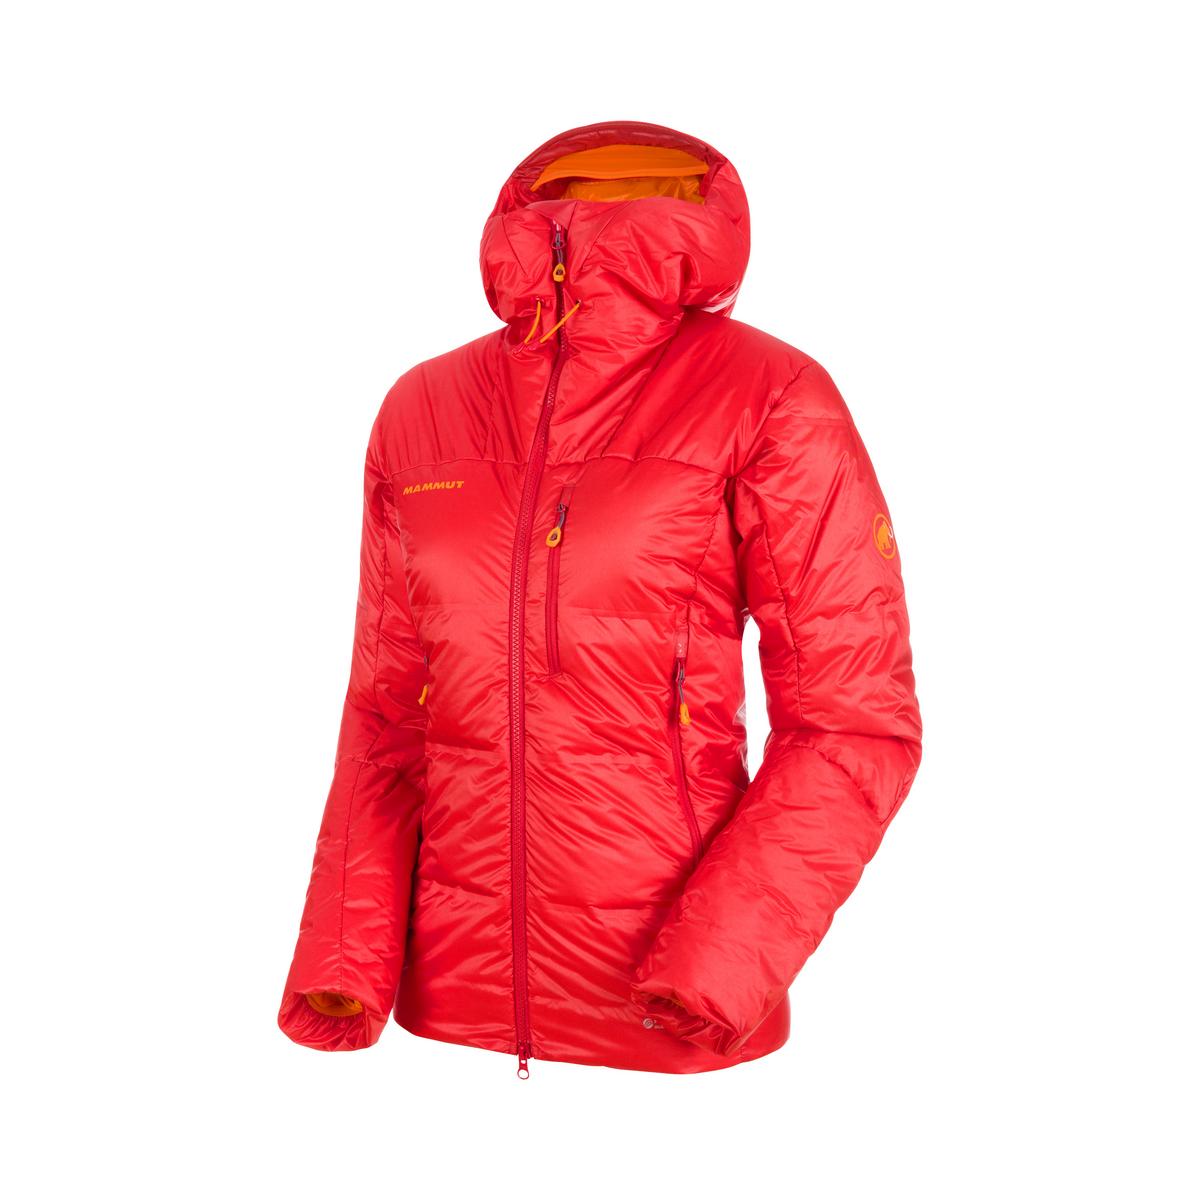 pretty nice 199d3 54d87 Eigerjoch Pro IN Hooded Jacket Women